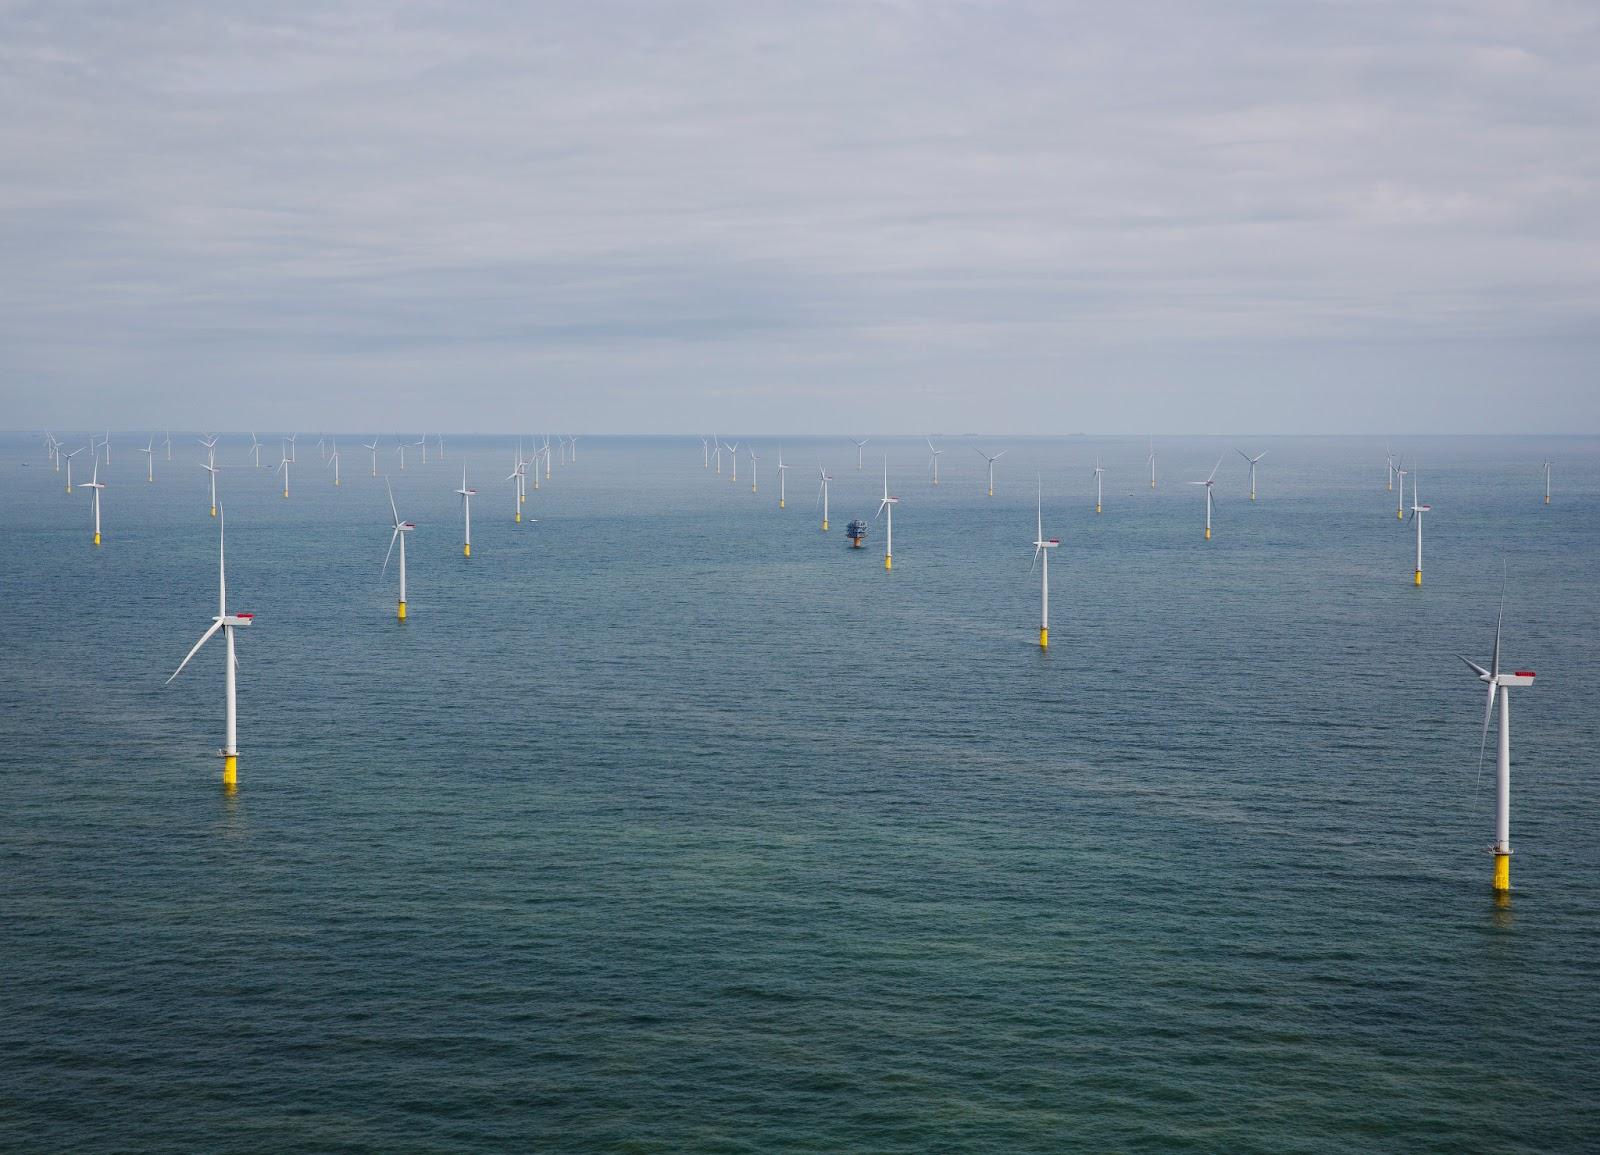 Eólica marina: London Array, el parque eólico marino más grande del mundo con aerogeneradores de Siemens, por José Santamarta